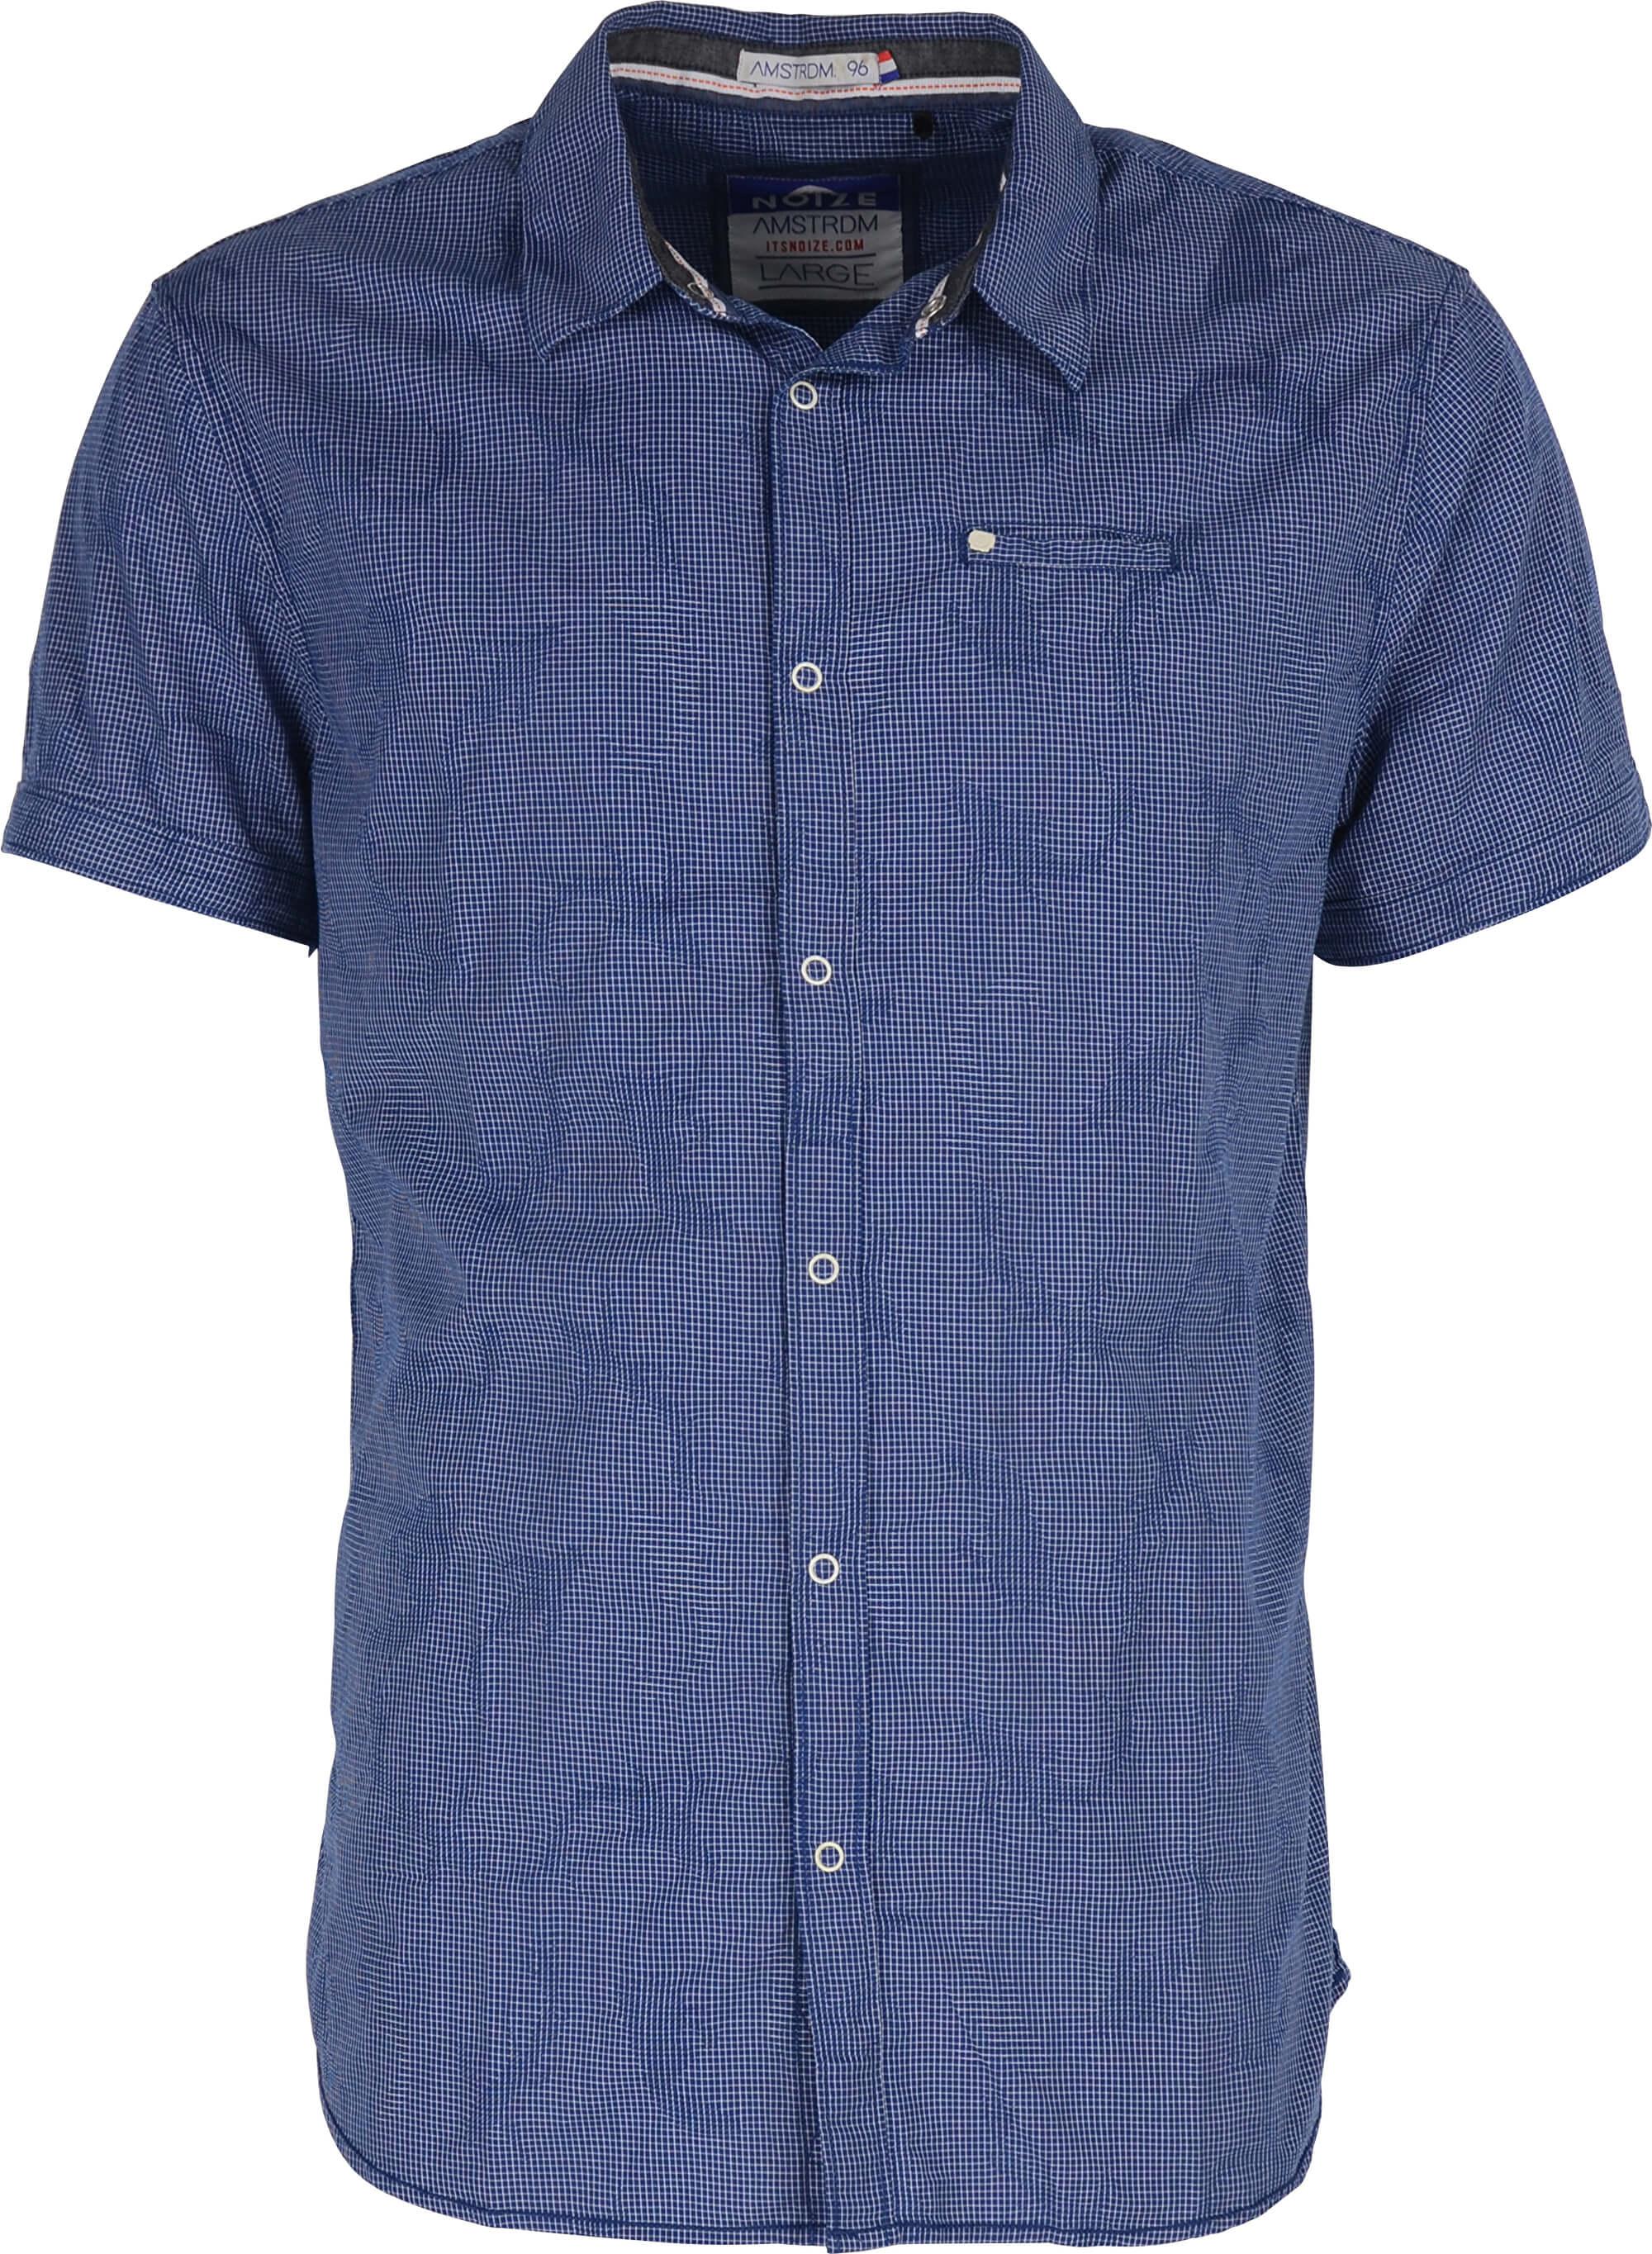 bd65c2816cd Noize Pánská košile s krátkým rukávem Royal 4448210-00